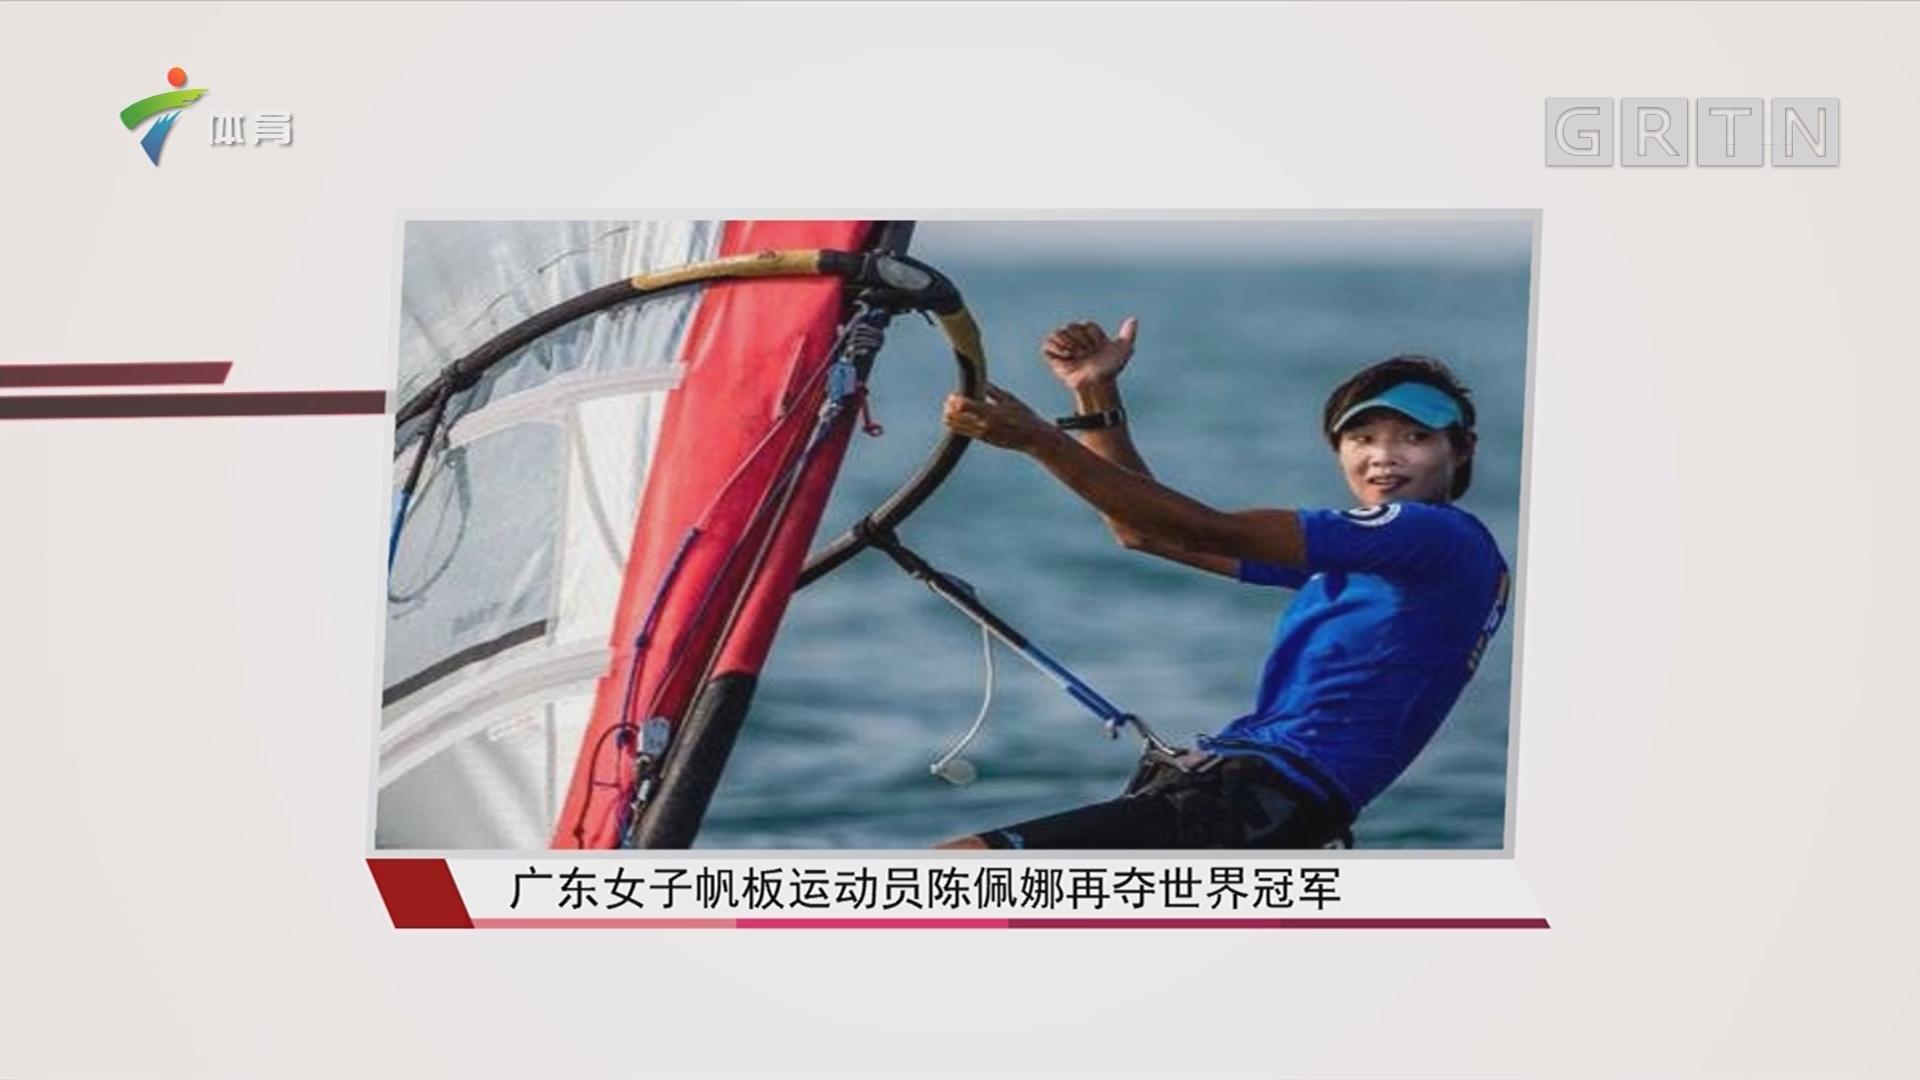 广东女子帆板运动员陈佩娜再夺世界冠军